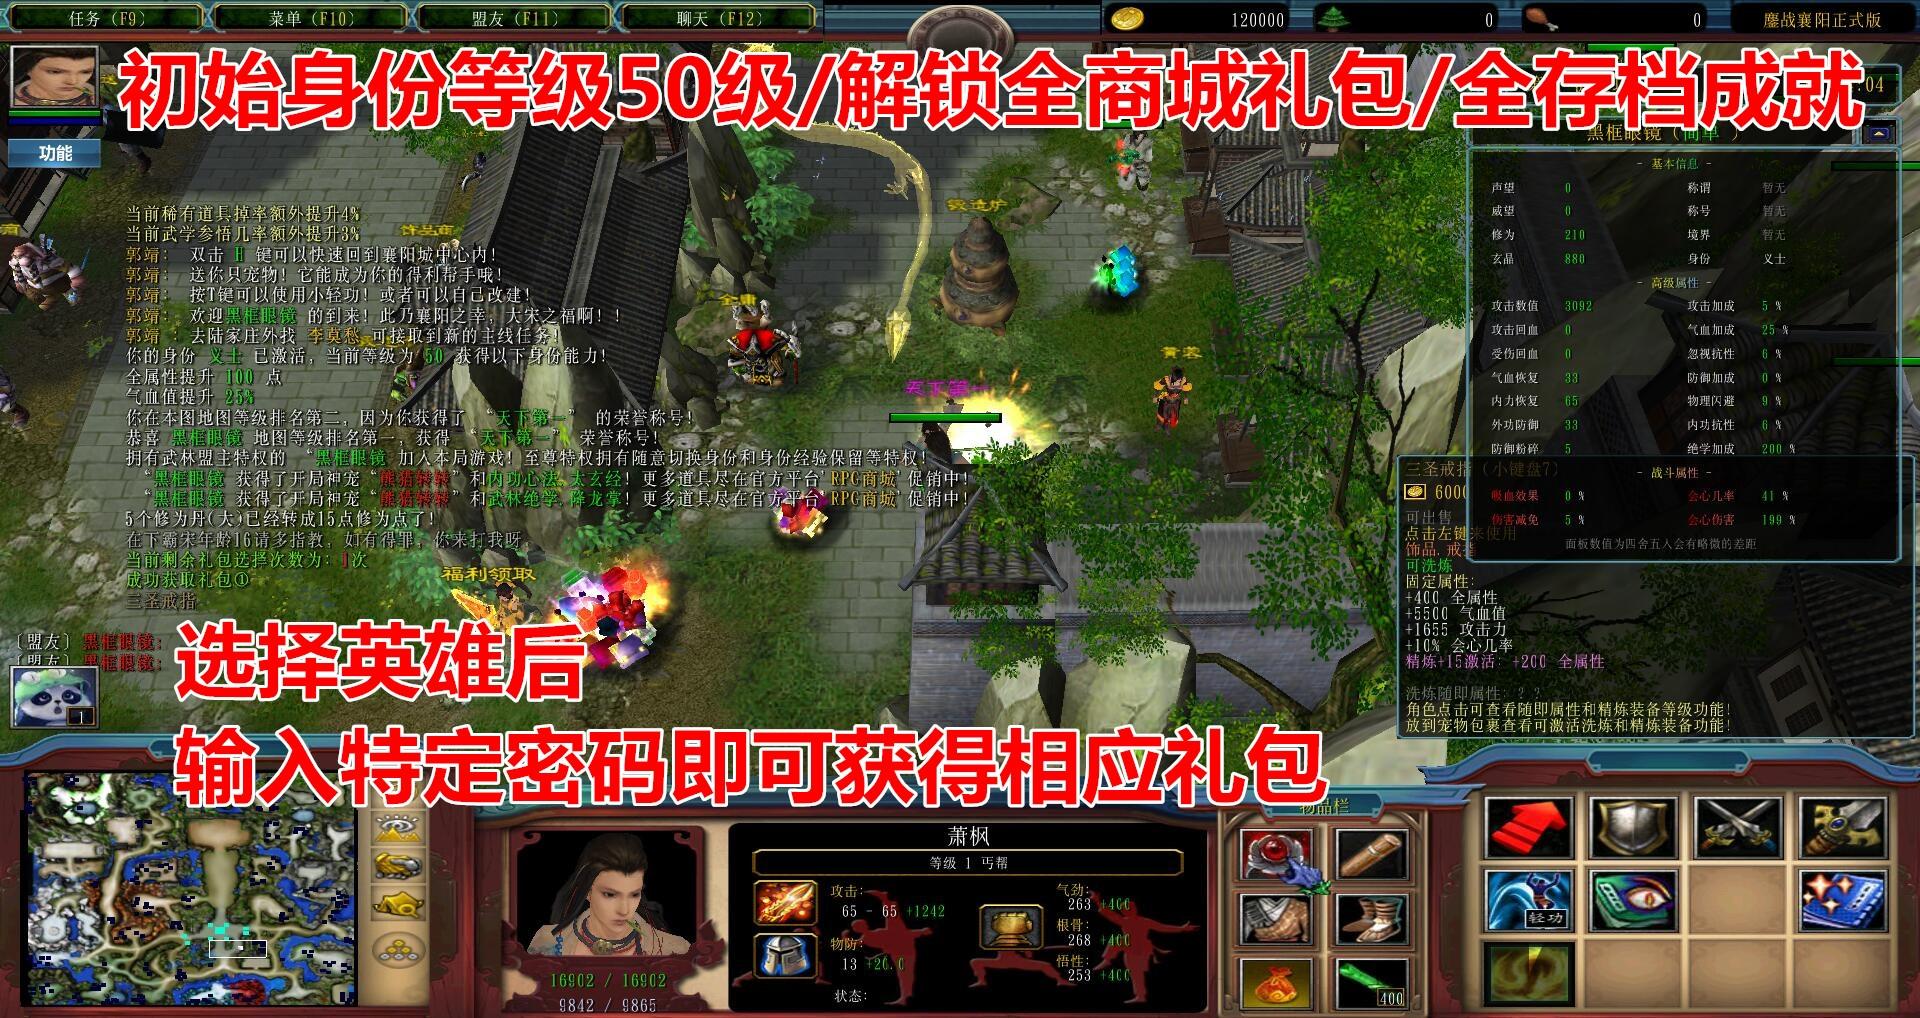 鏖战襄阳5.2.0黑式破解